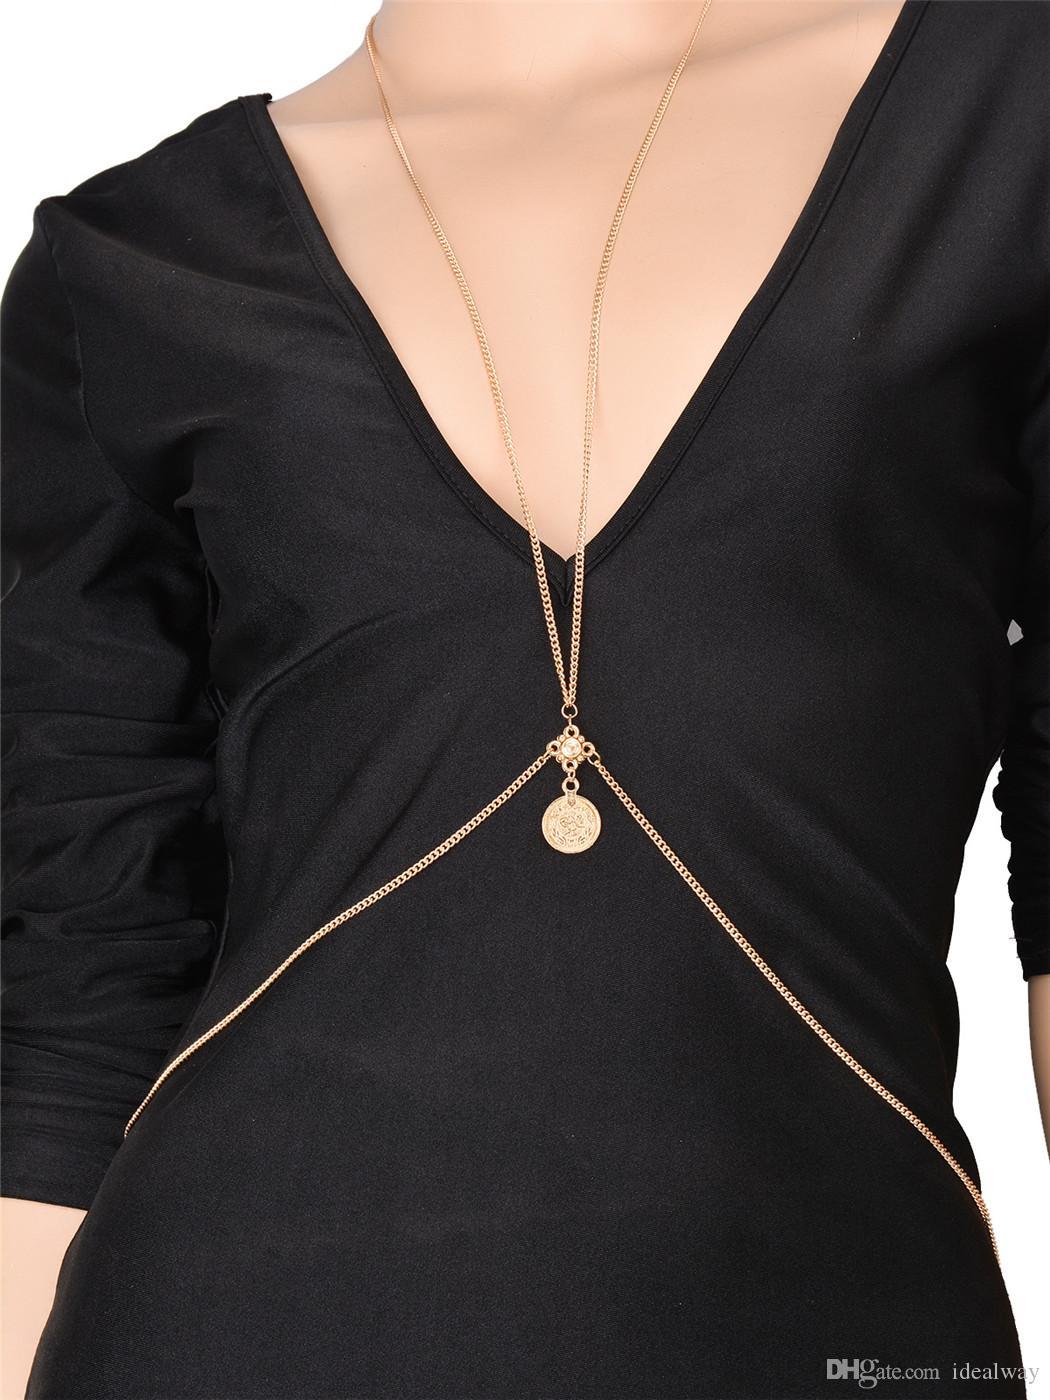 سلسلة نمط الأزياء البوهيمي الصيف الغجر بالفضة الخصر الصيف سلسلة عملة الجسم قابل للتعديل مجوهرات الجسم